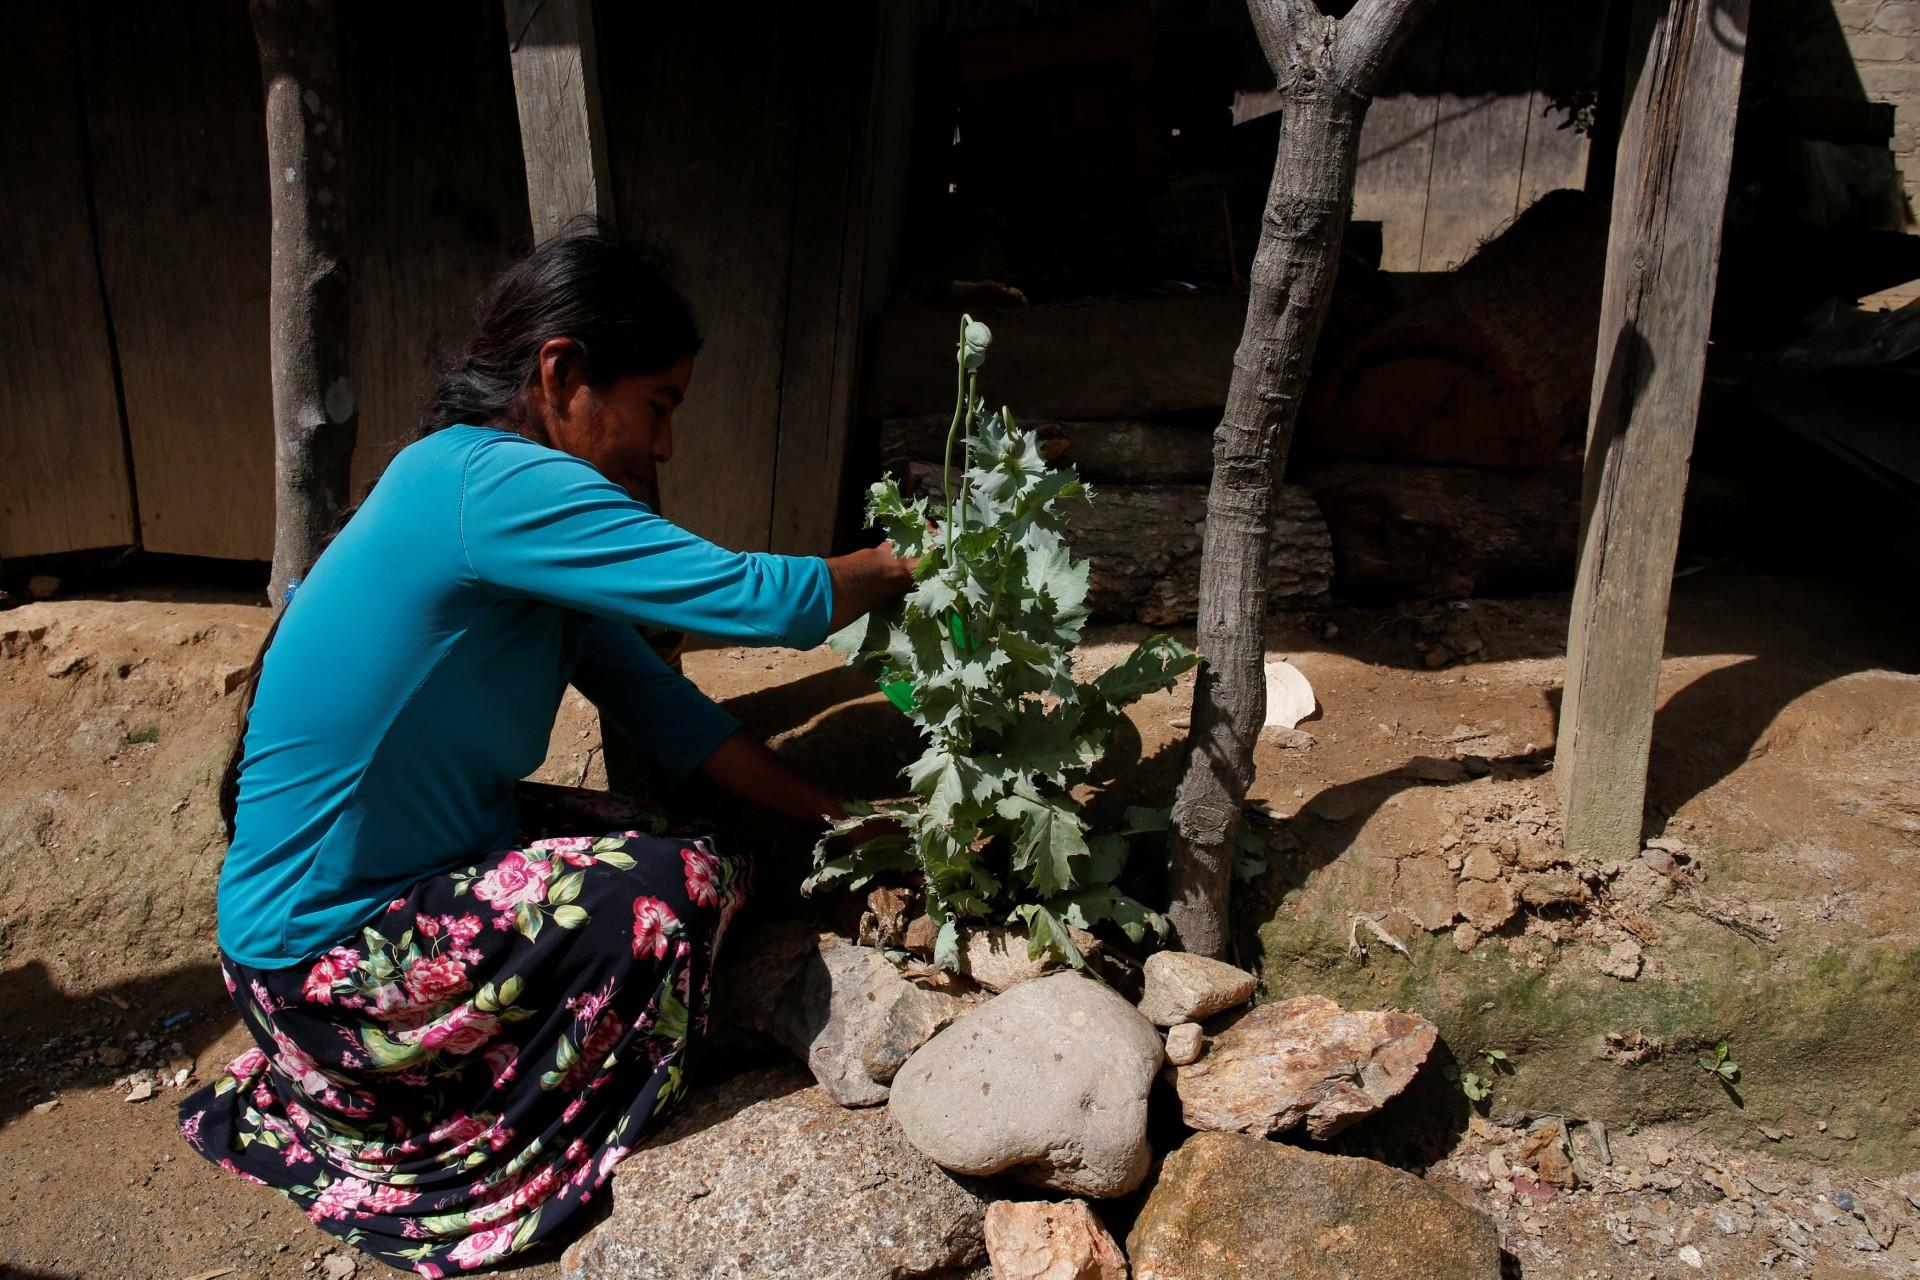 Una mujer atiende su planta de adormidera afuera de su casa en Juquila Yucucani, en la Sierra Madre del Sur, en el estado sureño de Guerrero, México, 18 de agosto de 2018.